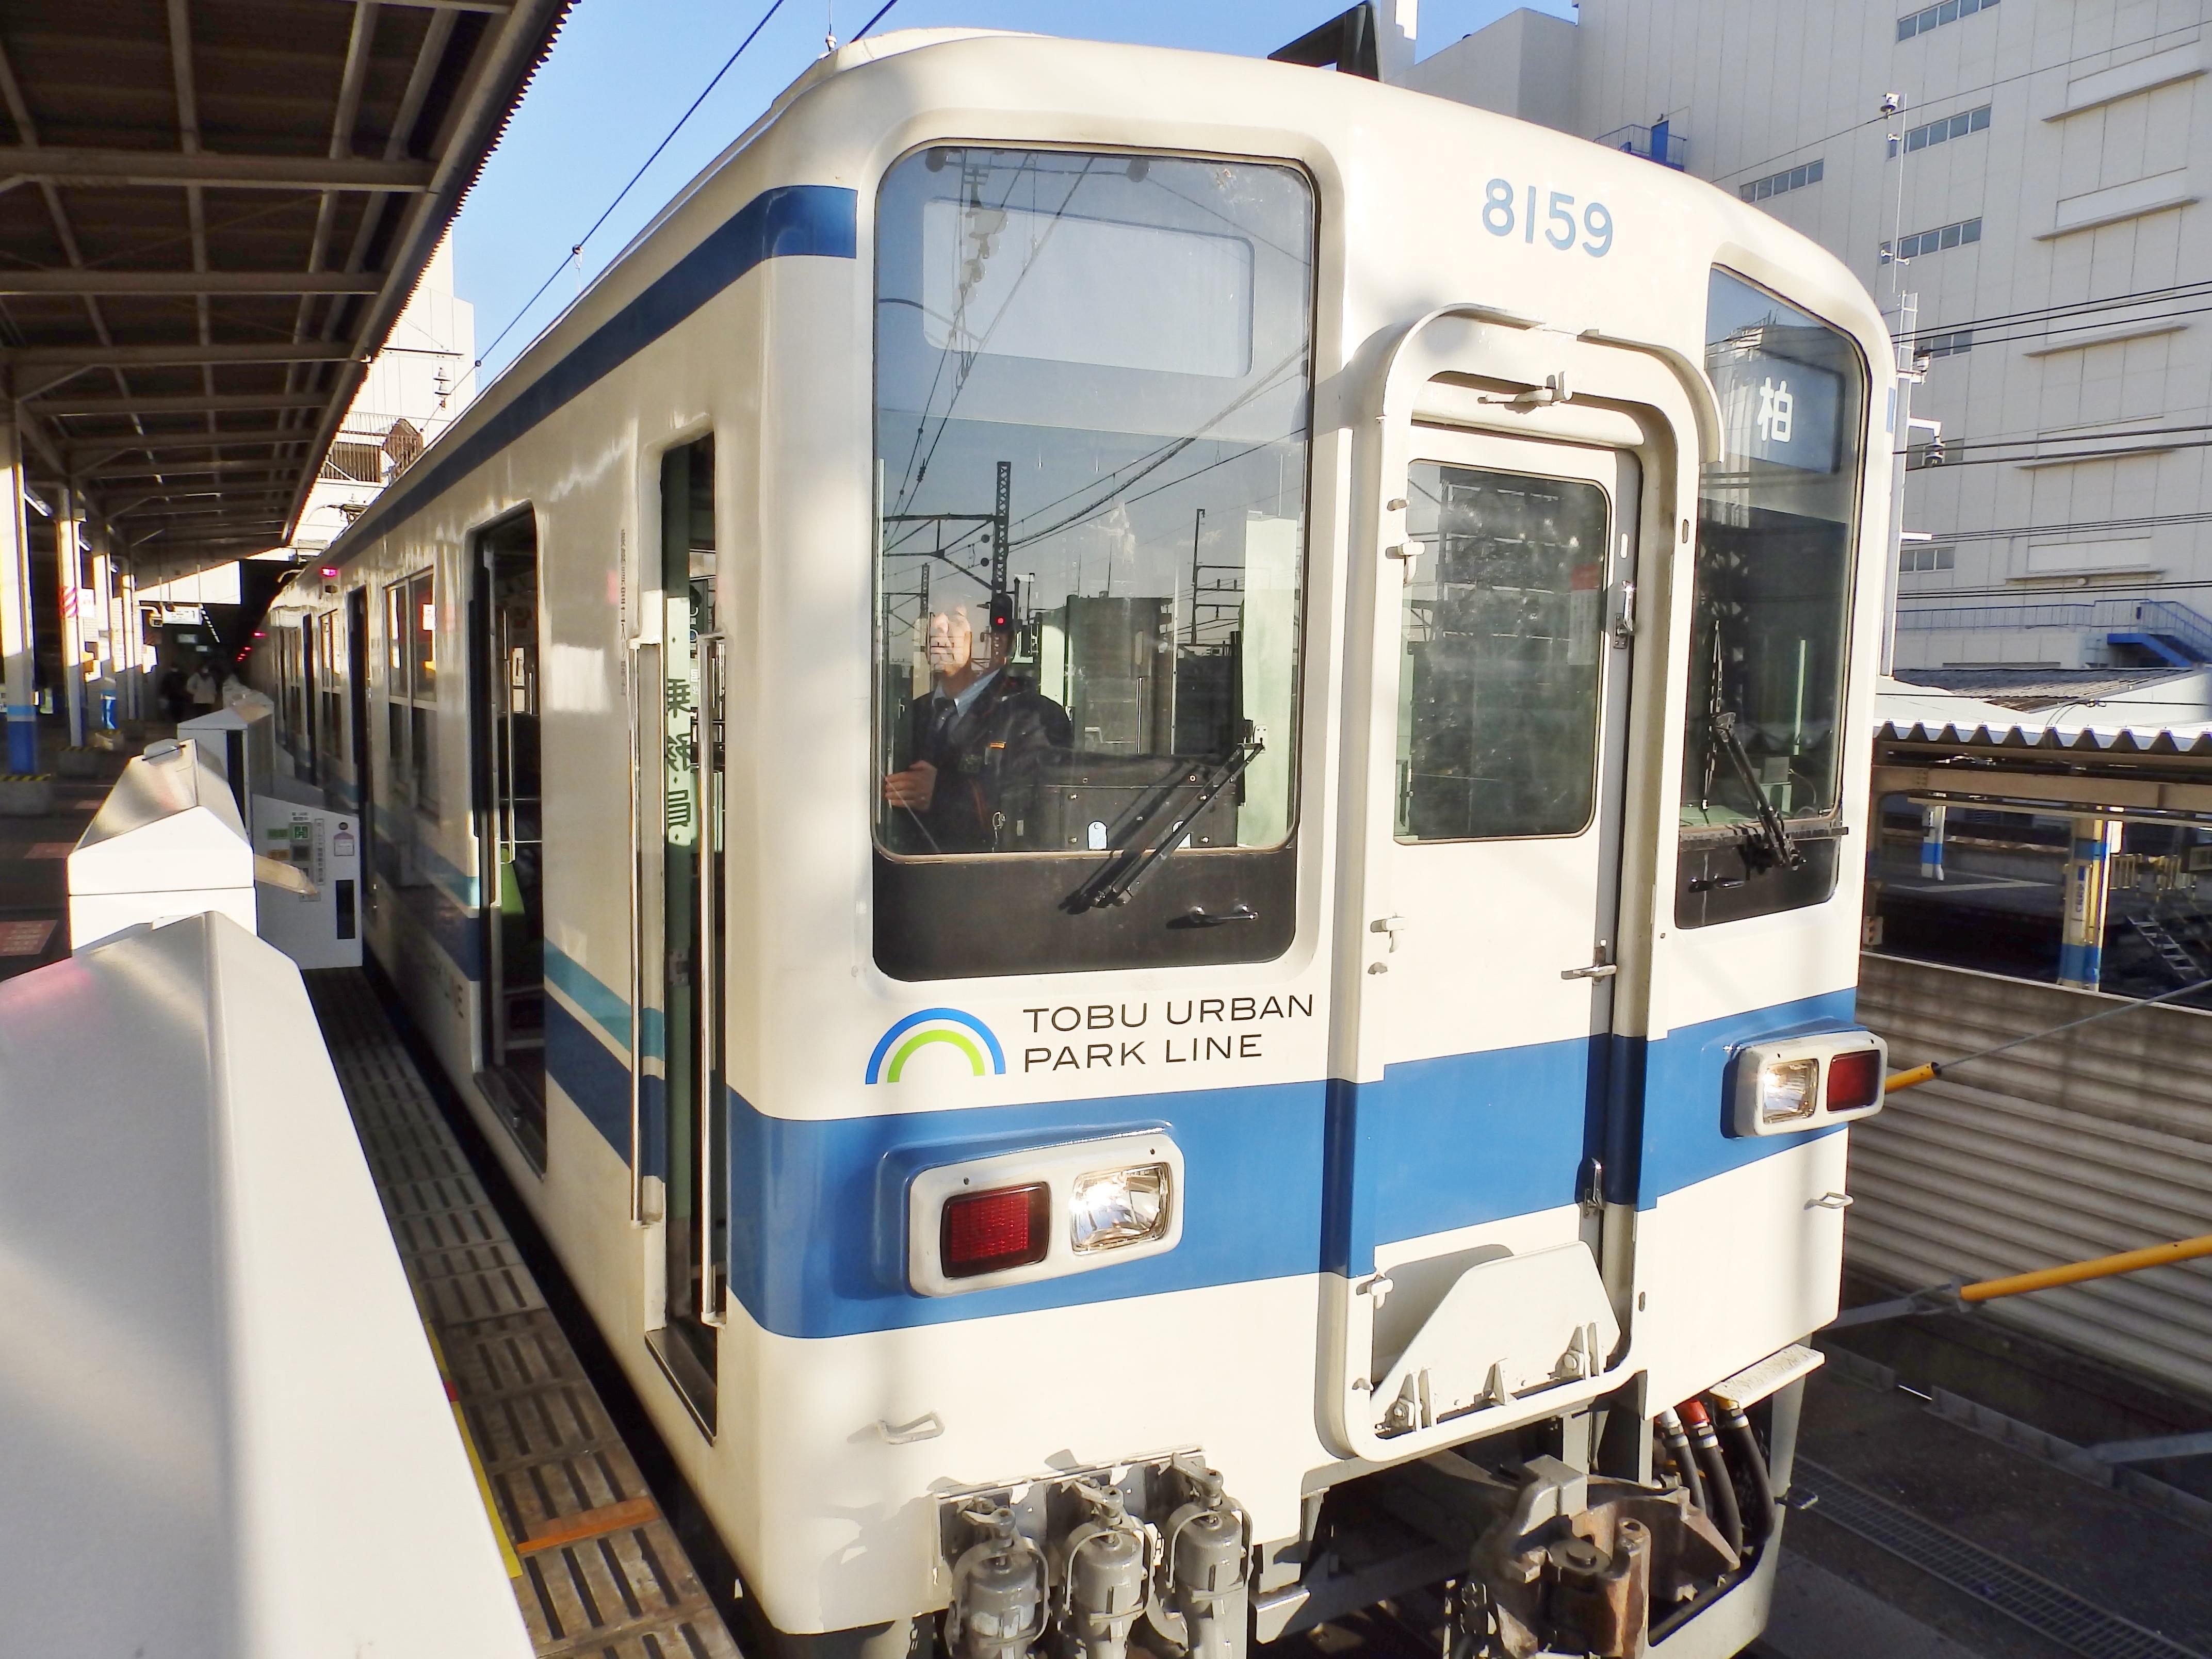 東武アーバンパークライン新船橋駅西口より徒歩1分。駅チカだから通いやすい!